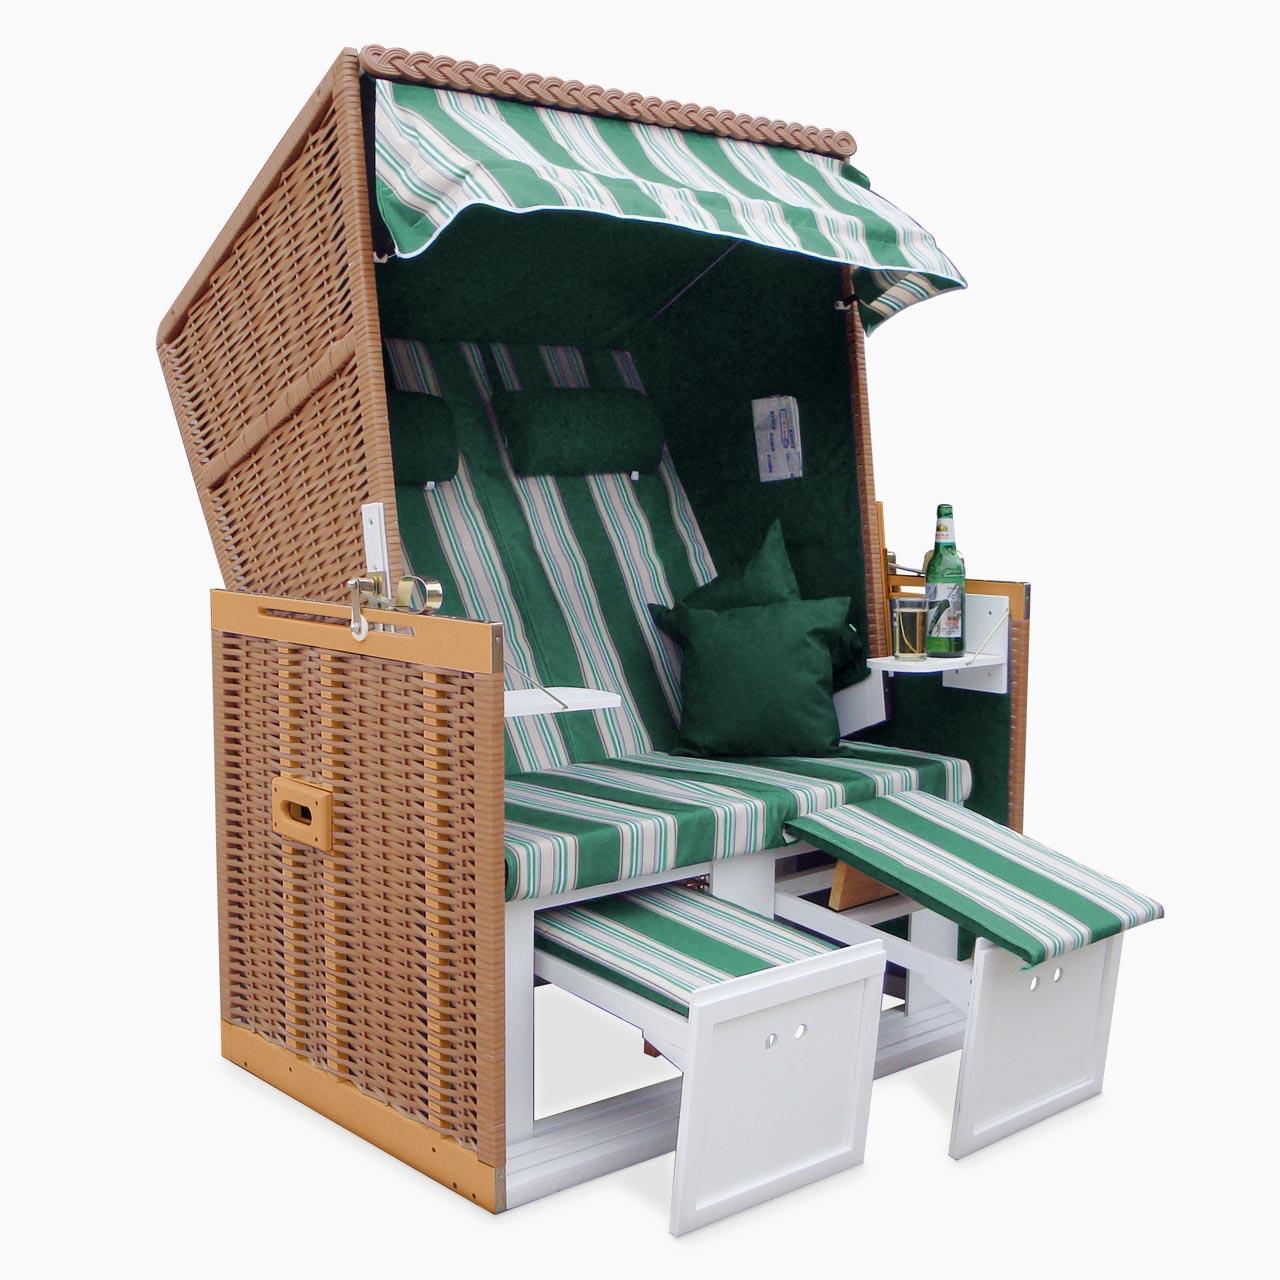 strandkorb xxl premium nordsee volllieger gartenm bel gartenliege sonnenliege ebay. Black Bedroom Furniture Sets. Home Design Ideas